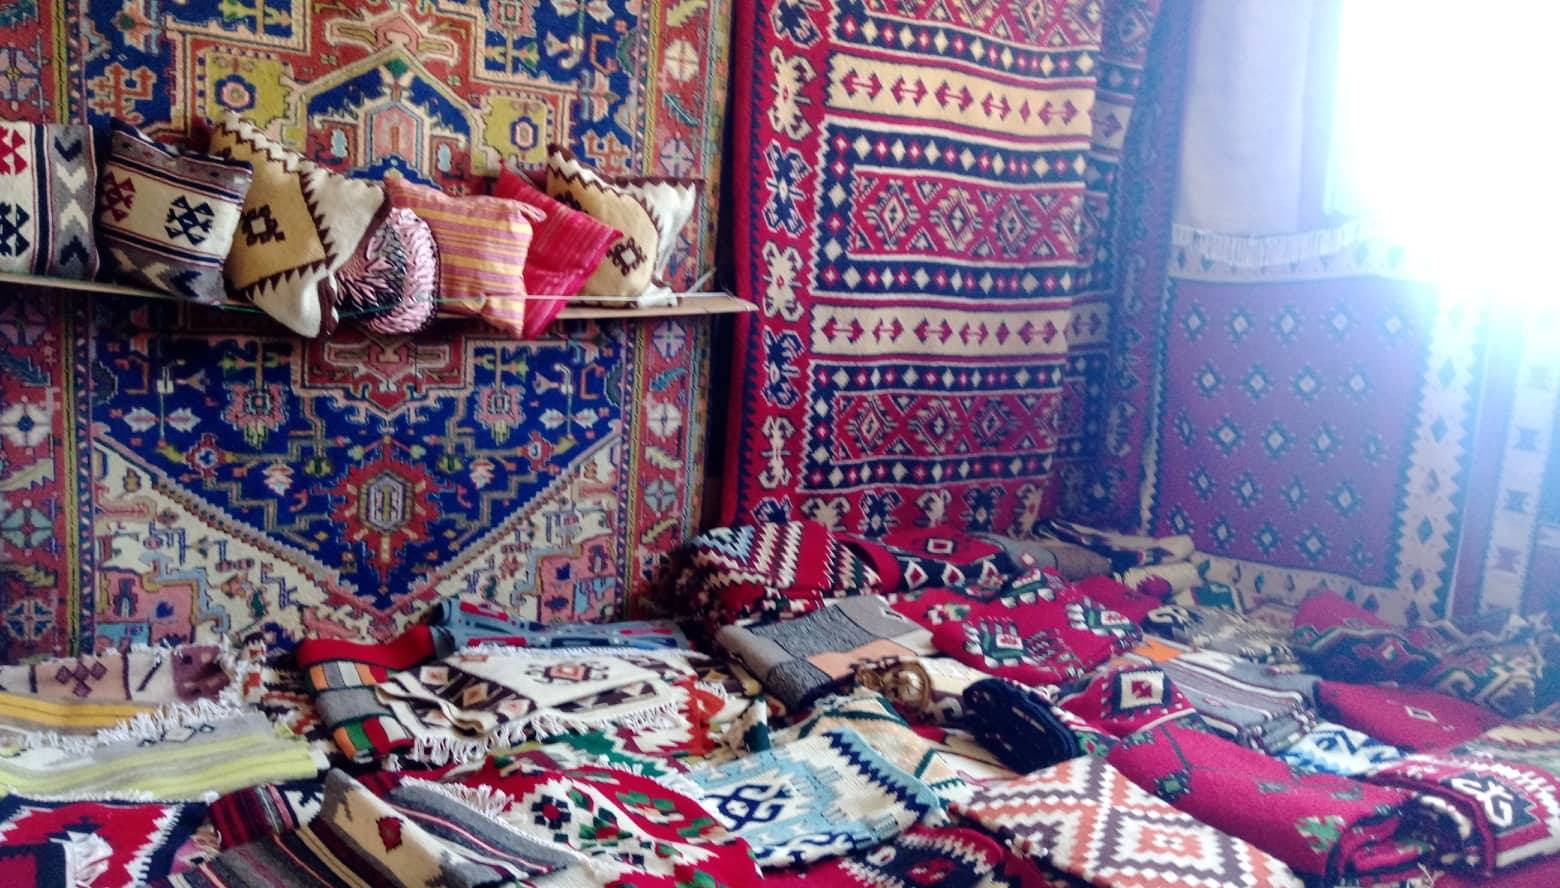 Kruja handmade rugs